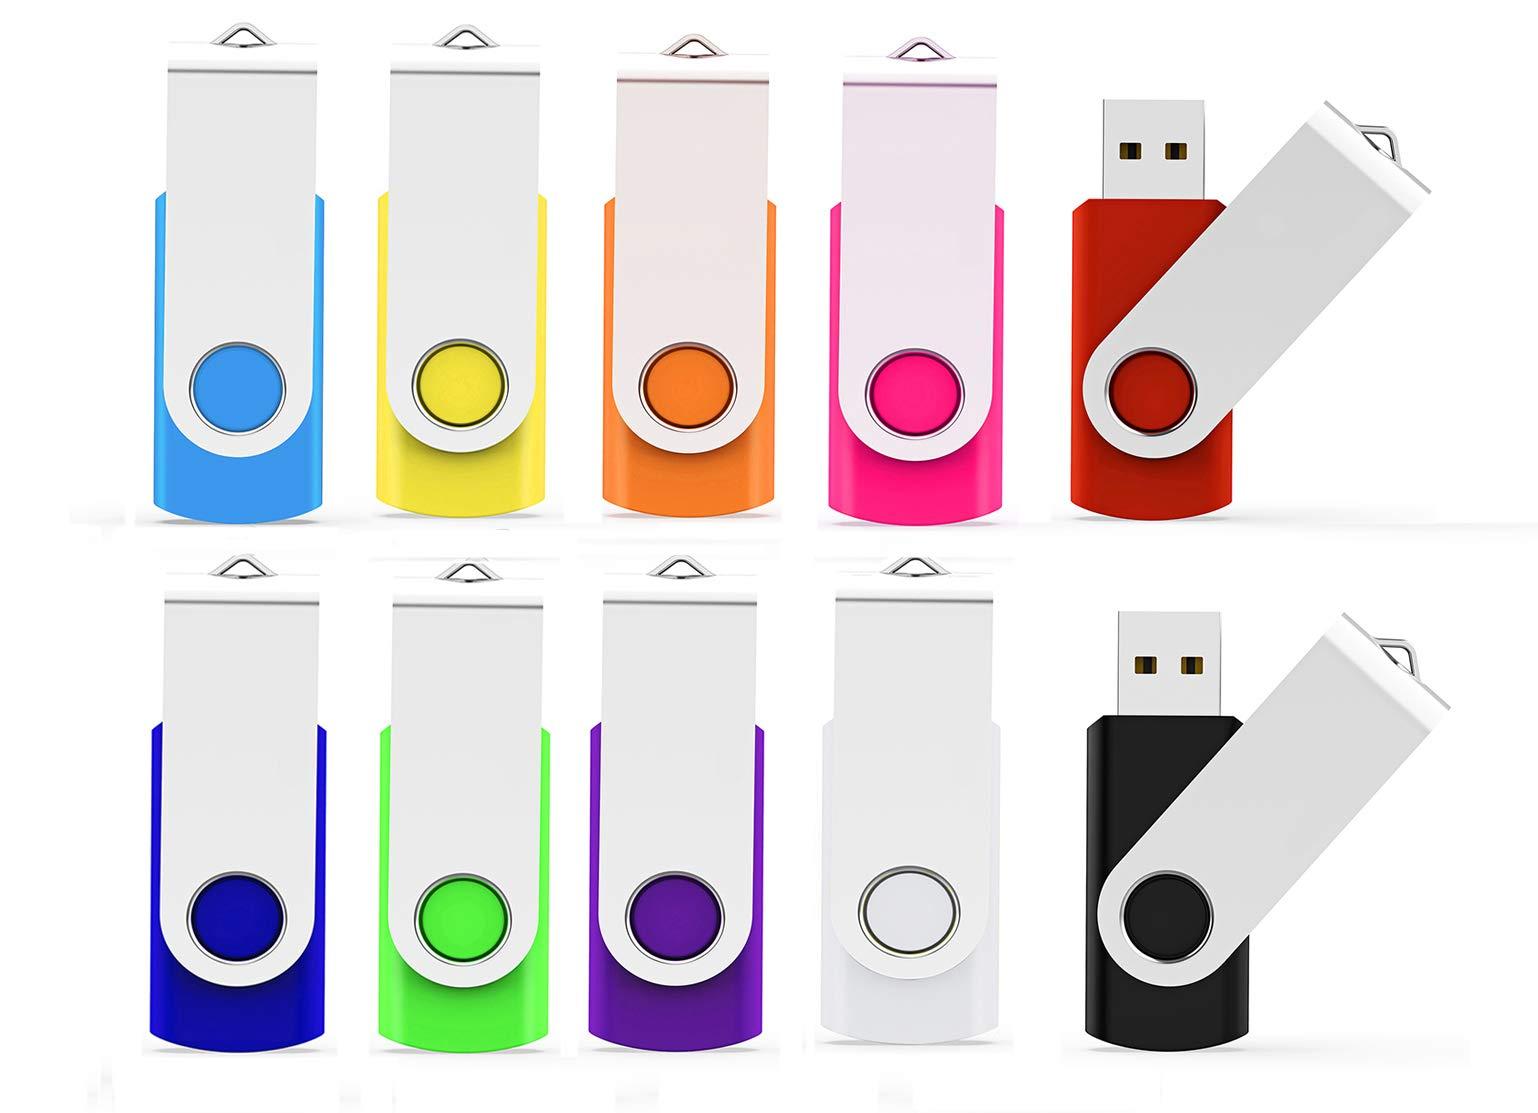 USB Flash Drive 32GB 10 Pack, Maspen USB Thumb Drive 2.0 High Speed USB Thumb Drive Memory Stick Jump Drive Zip Drives Pen Drive, 32 GB, 10 Colors